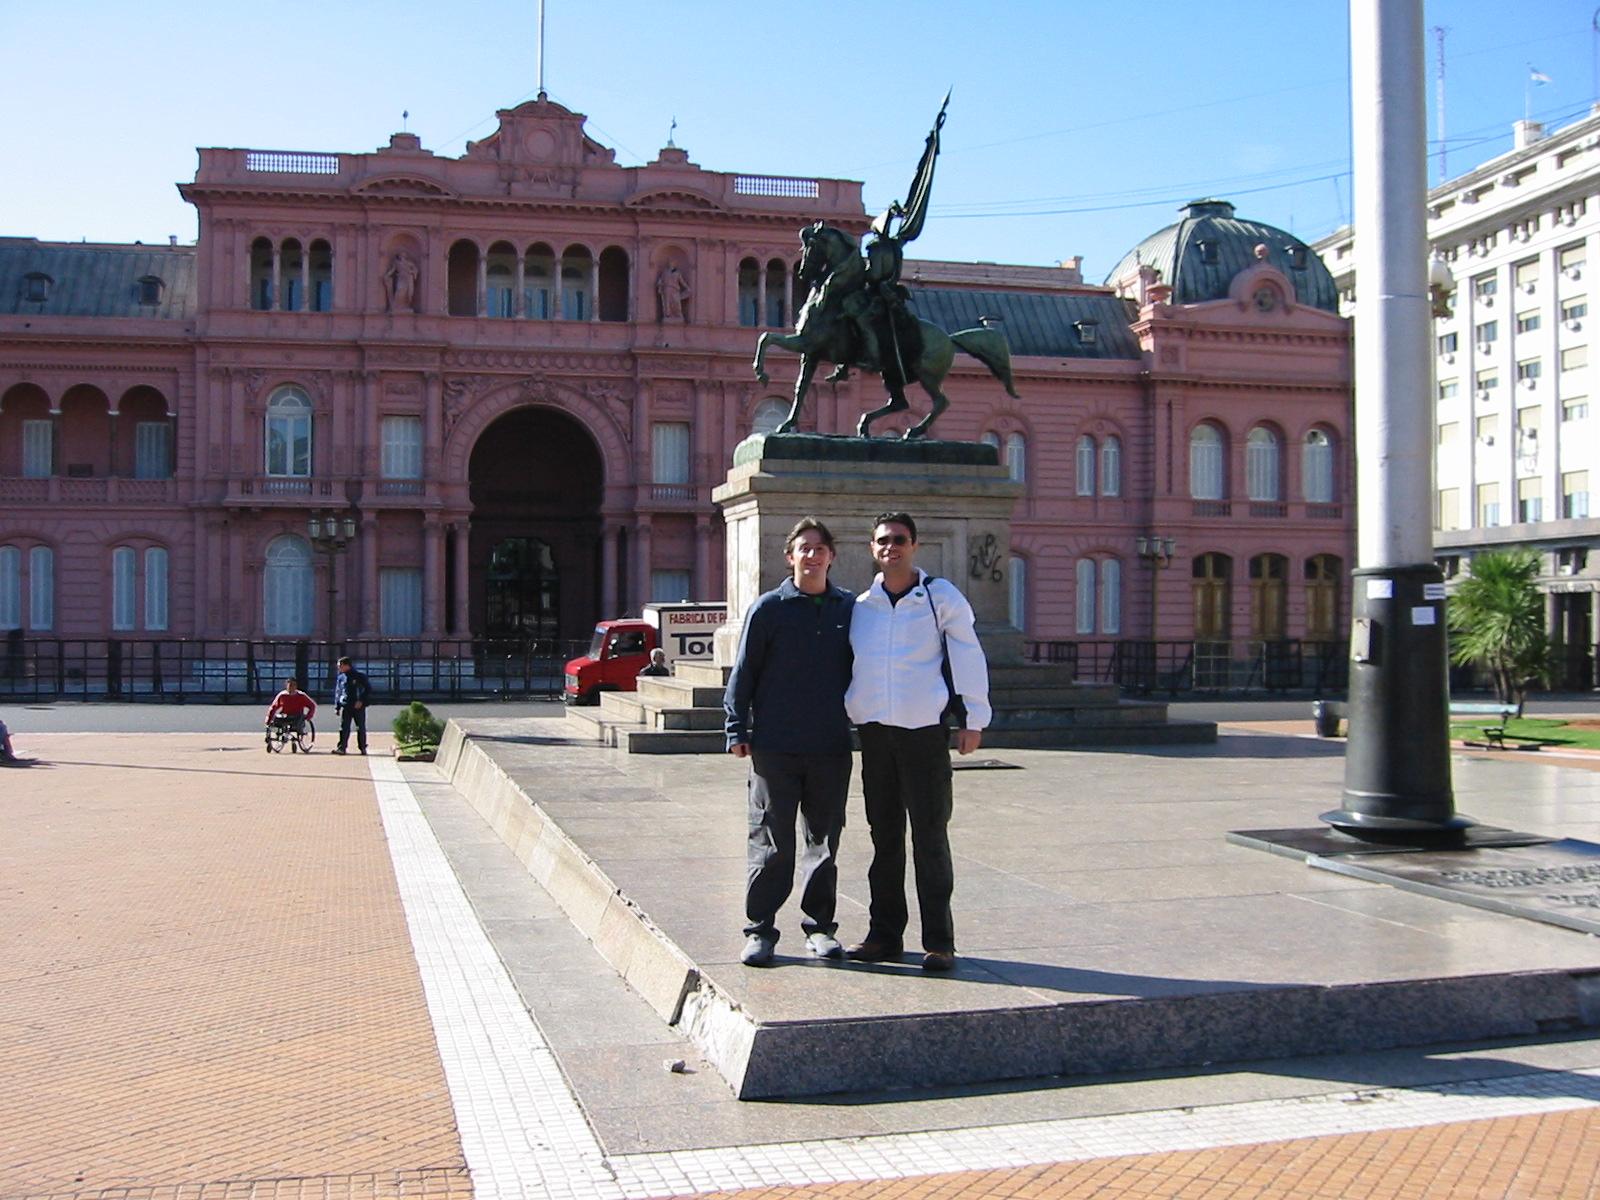 Com meu mano em frente à Casa Rosada.